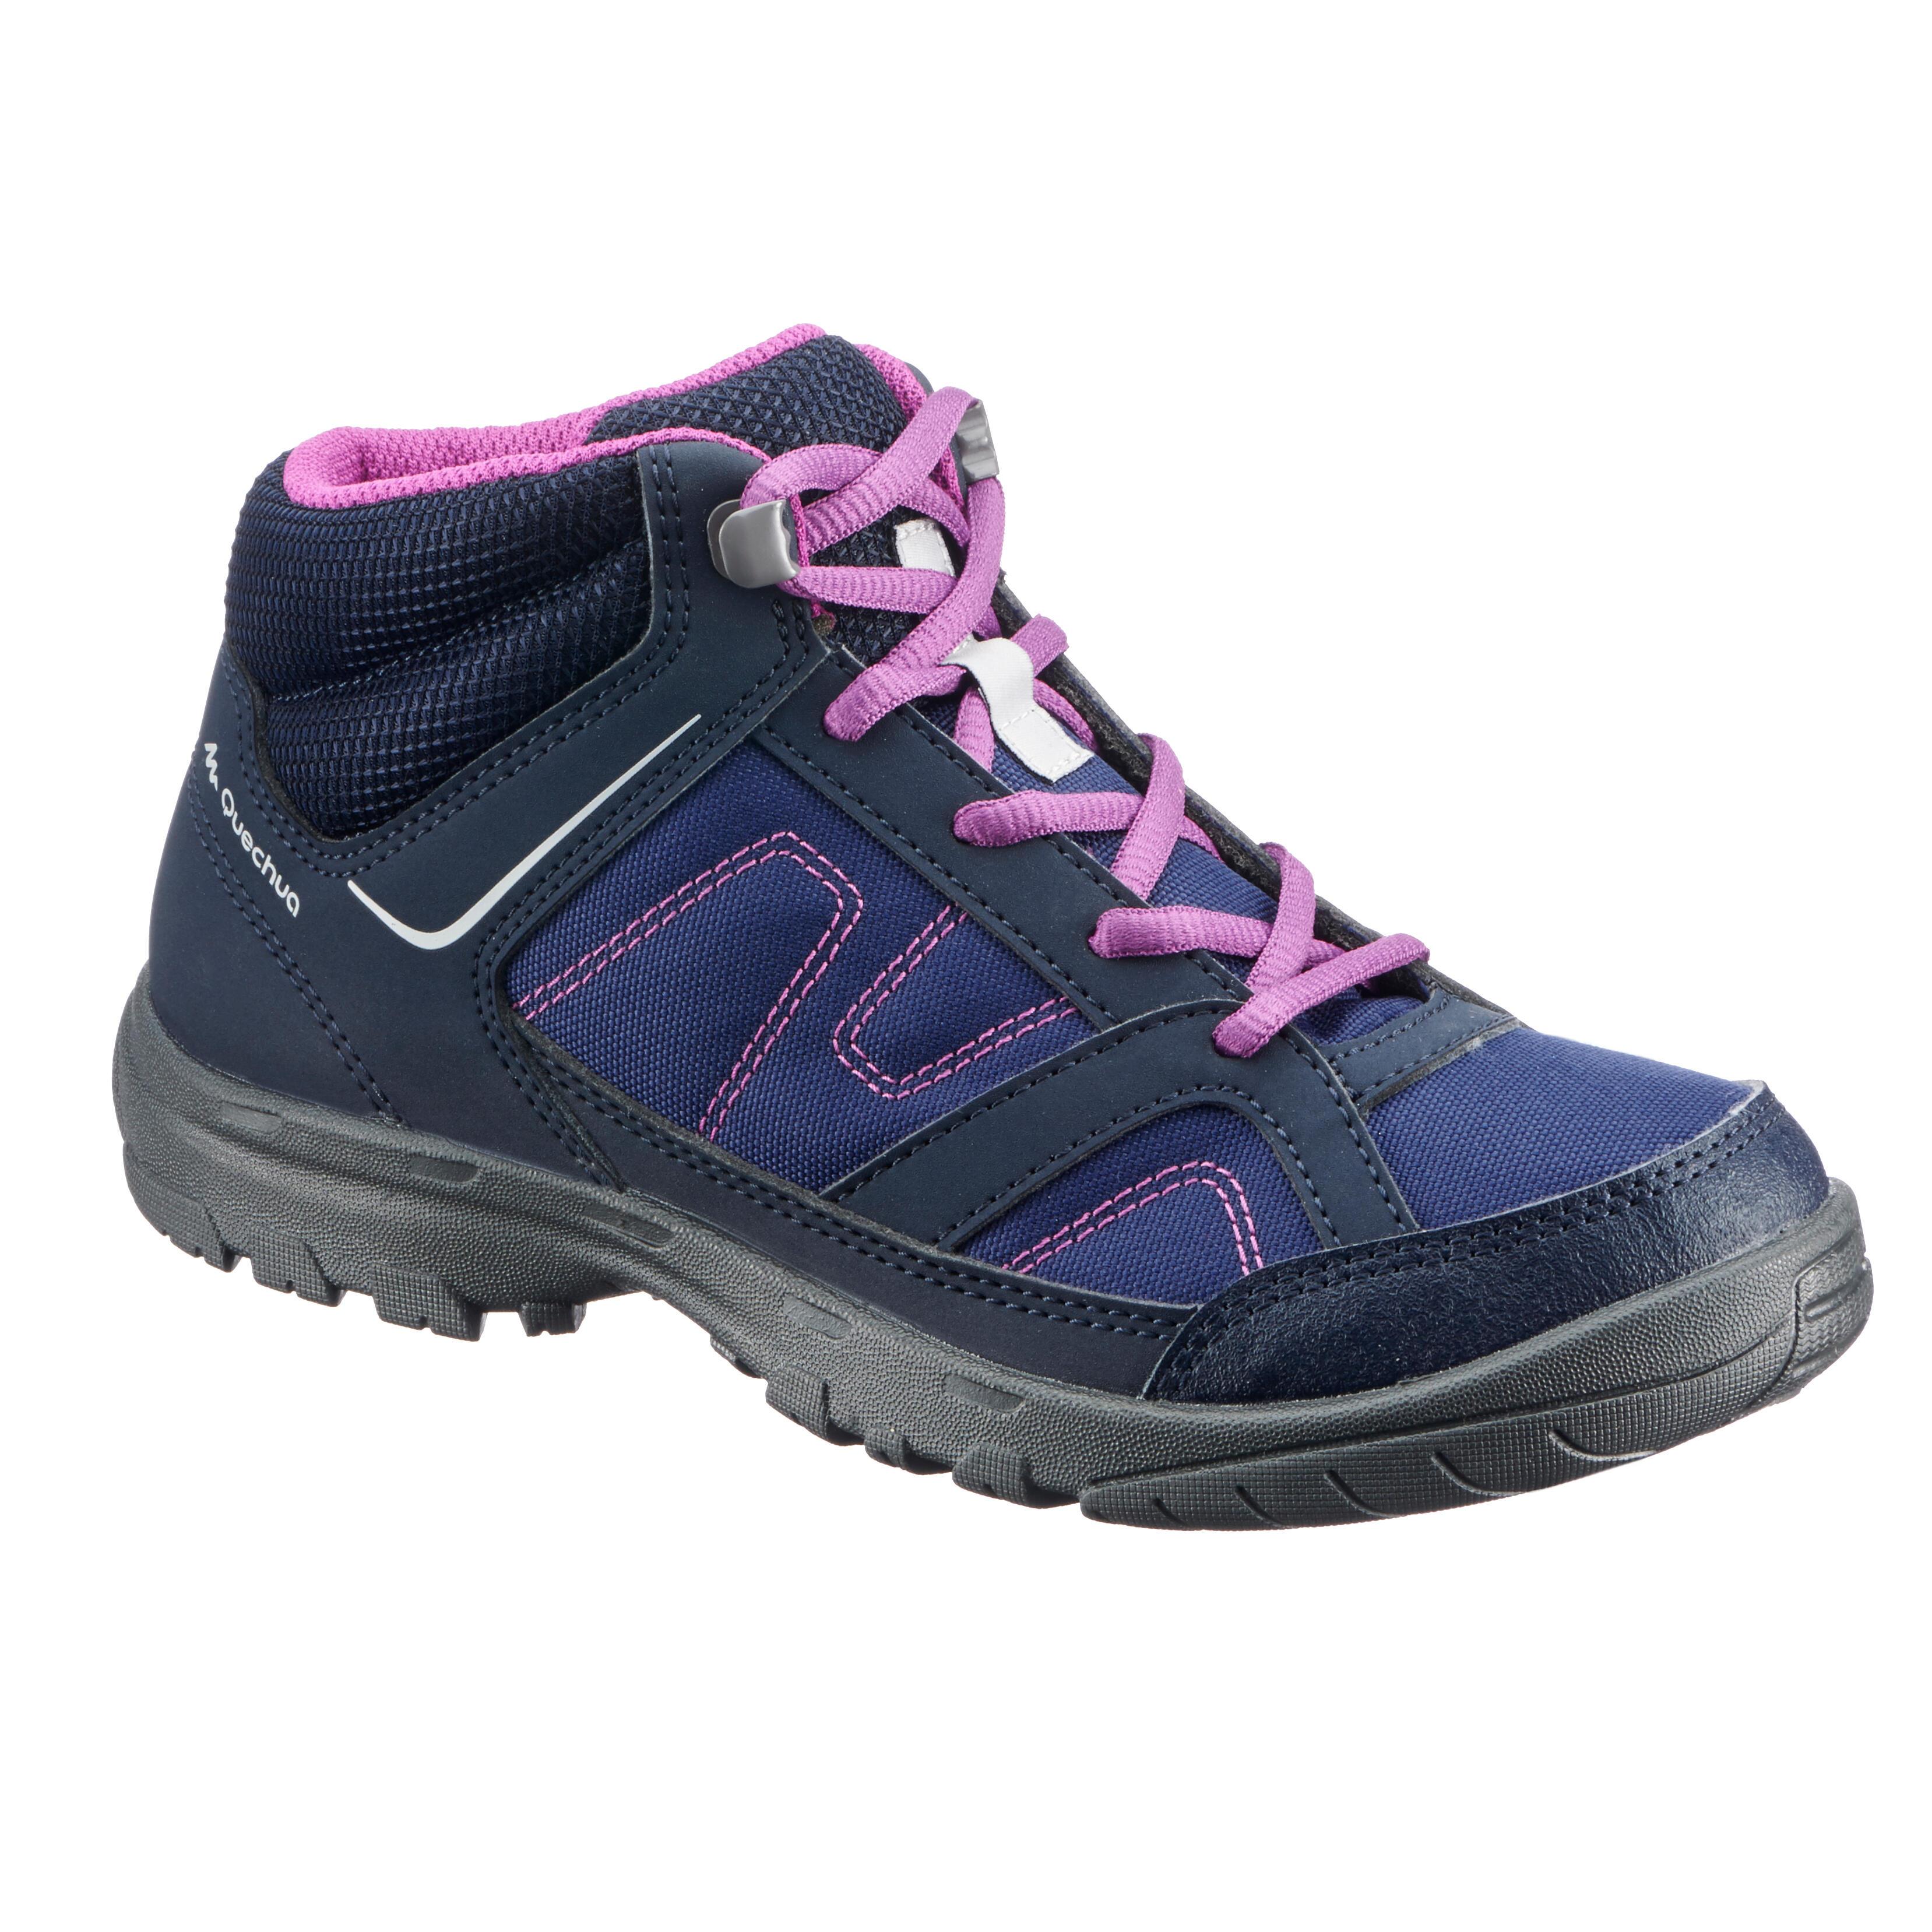 Quechua Hoge wandelschoenen voor kinderen MH100 mid paars 35 tot 38 kopen